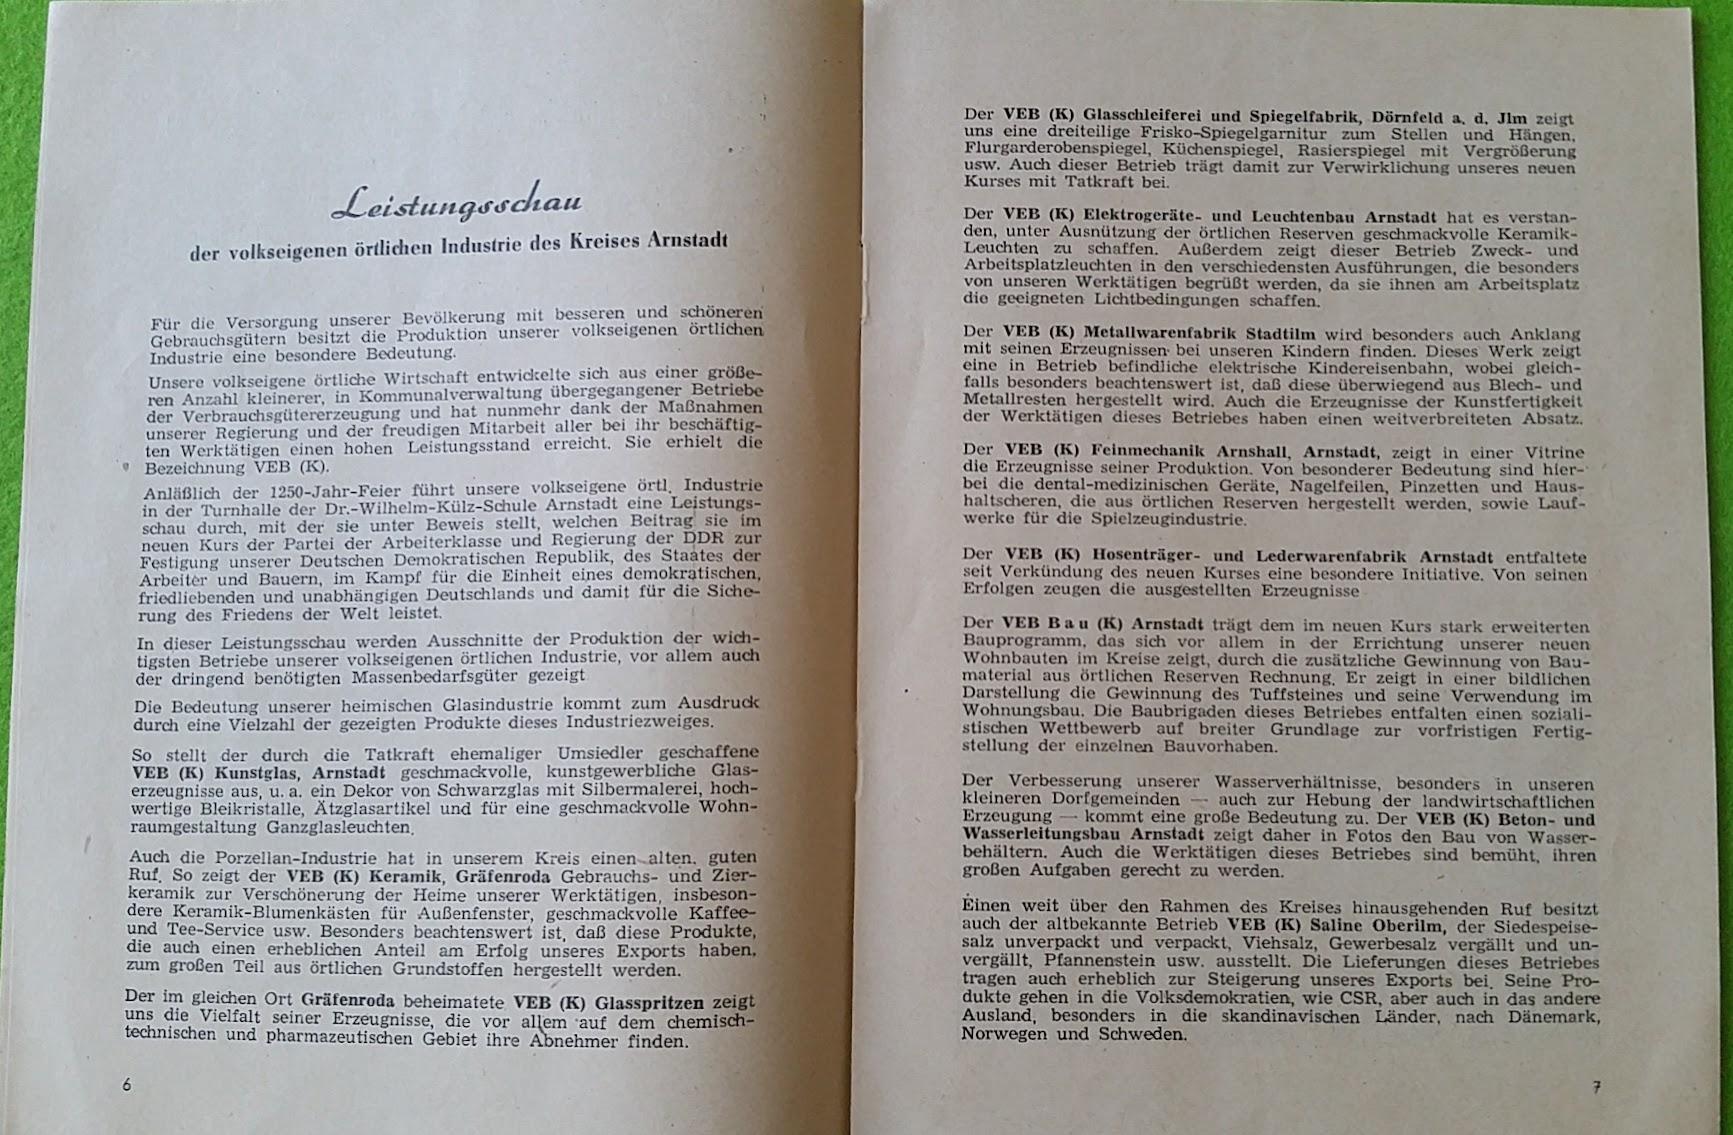 Leistungsschauen des Kreises Arnstadt - 1954